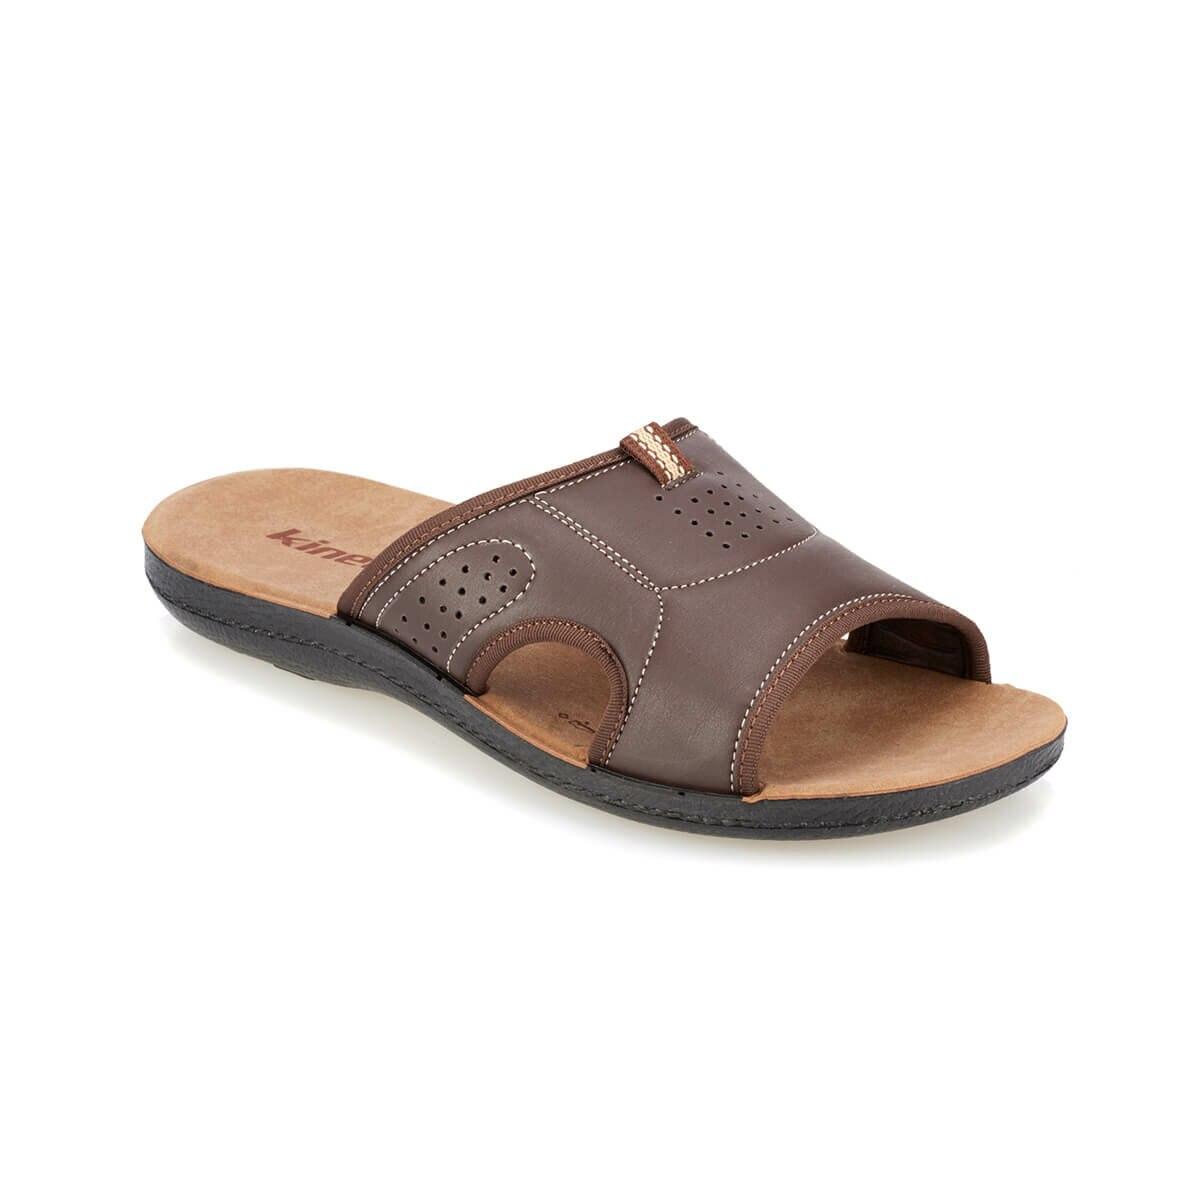 FLO ABSOL marrón hombres zapatillas KINETIX Zapatillas de piel